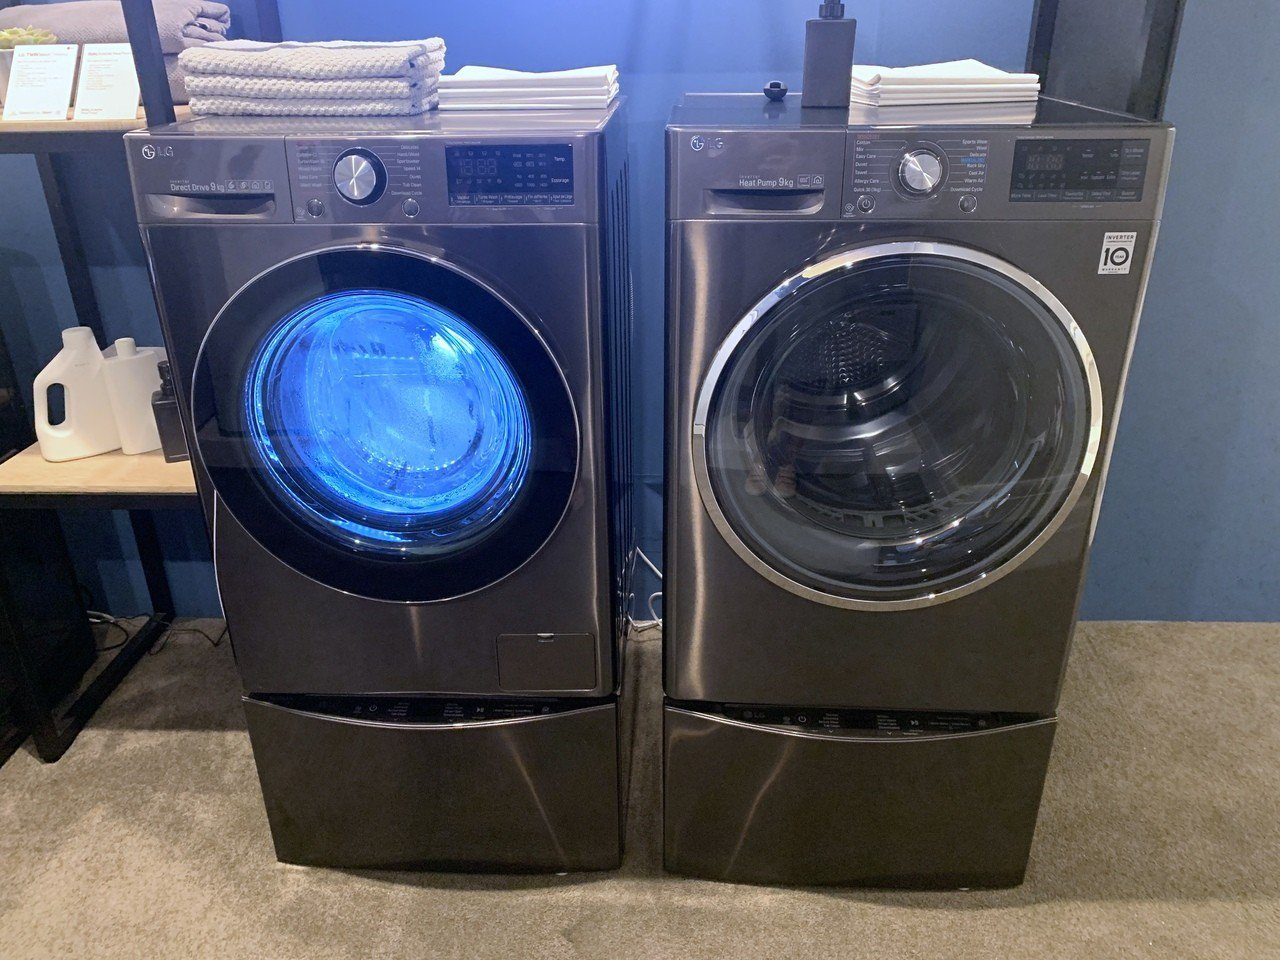 左邊搭載全新INTELLO DD直驅變頻馬達的滾筒洗衣機與右邊Heat Pump...